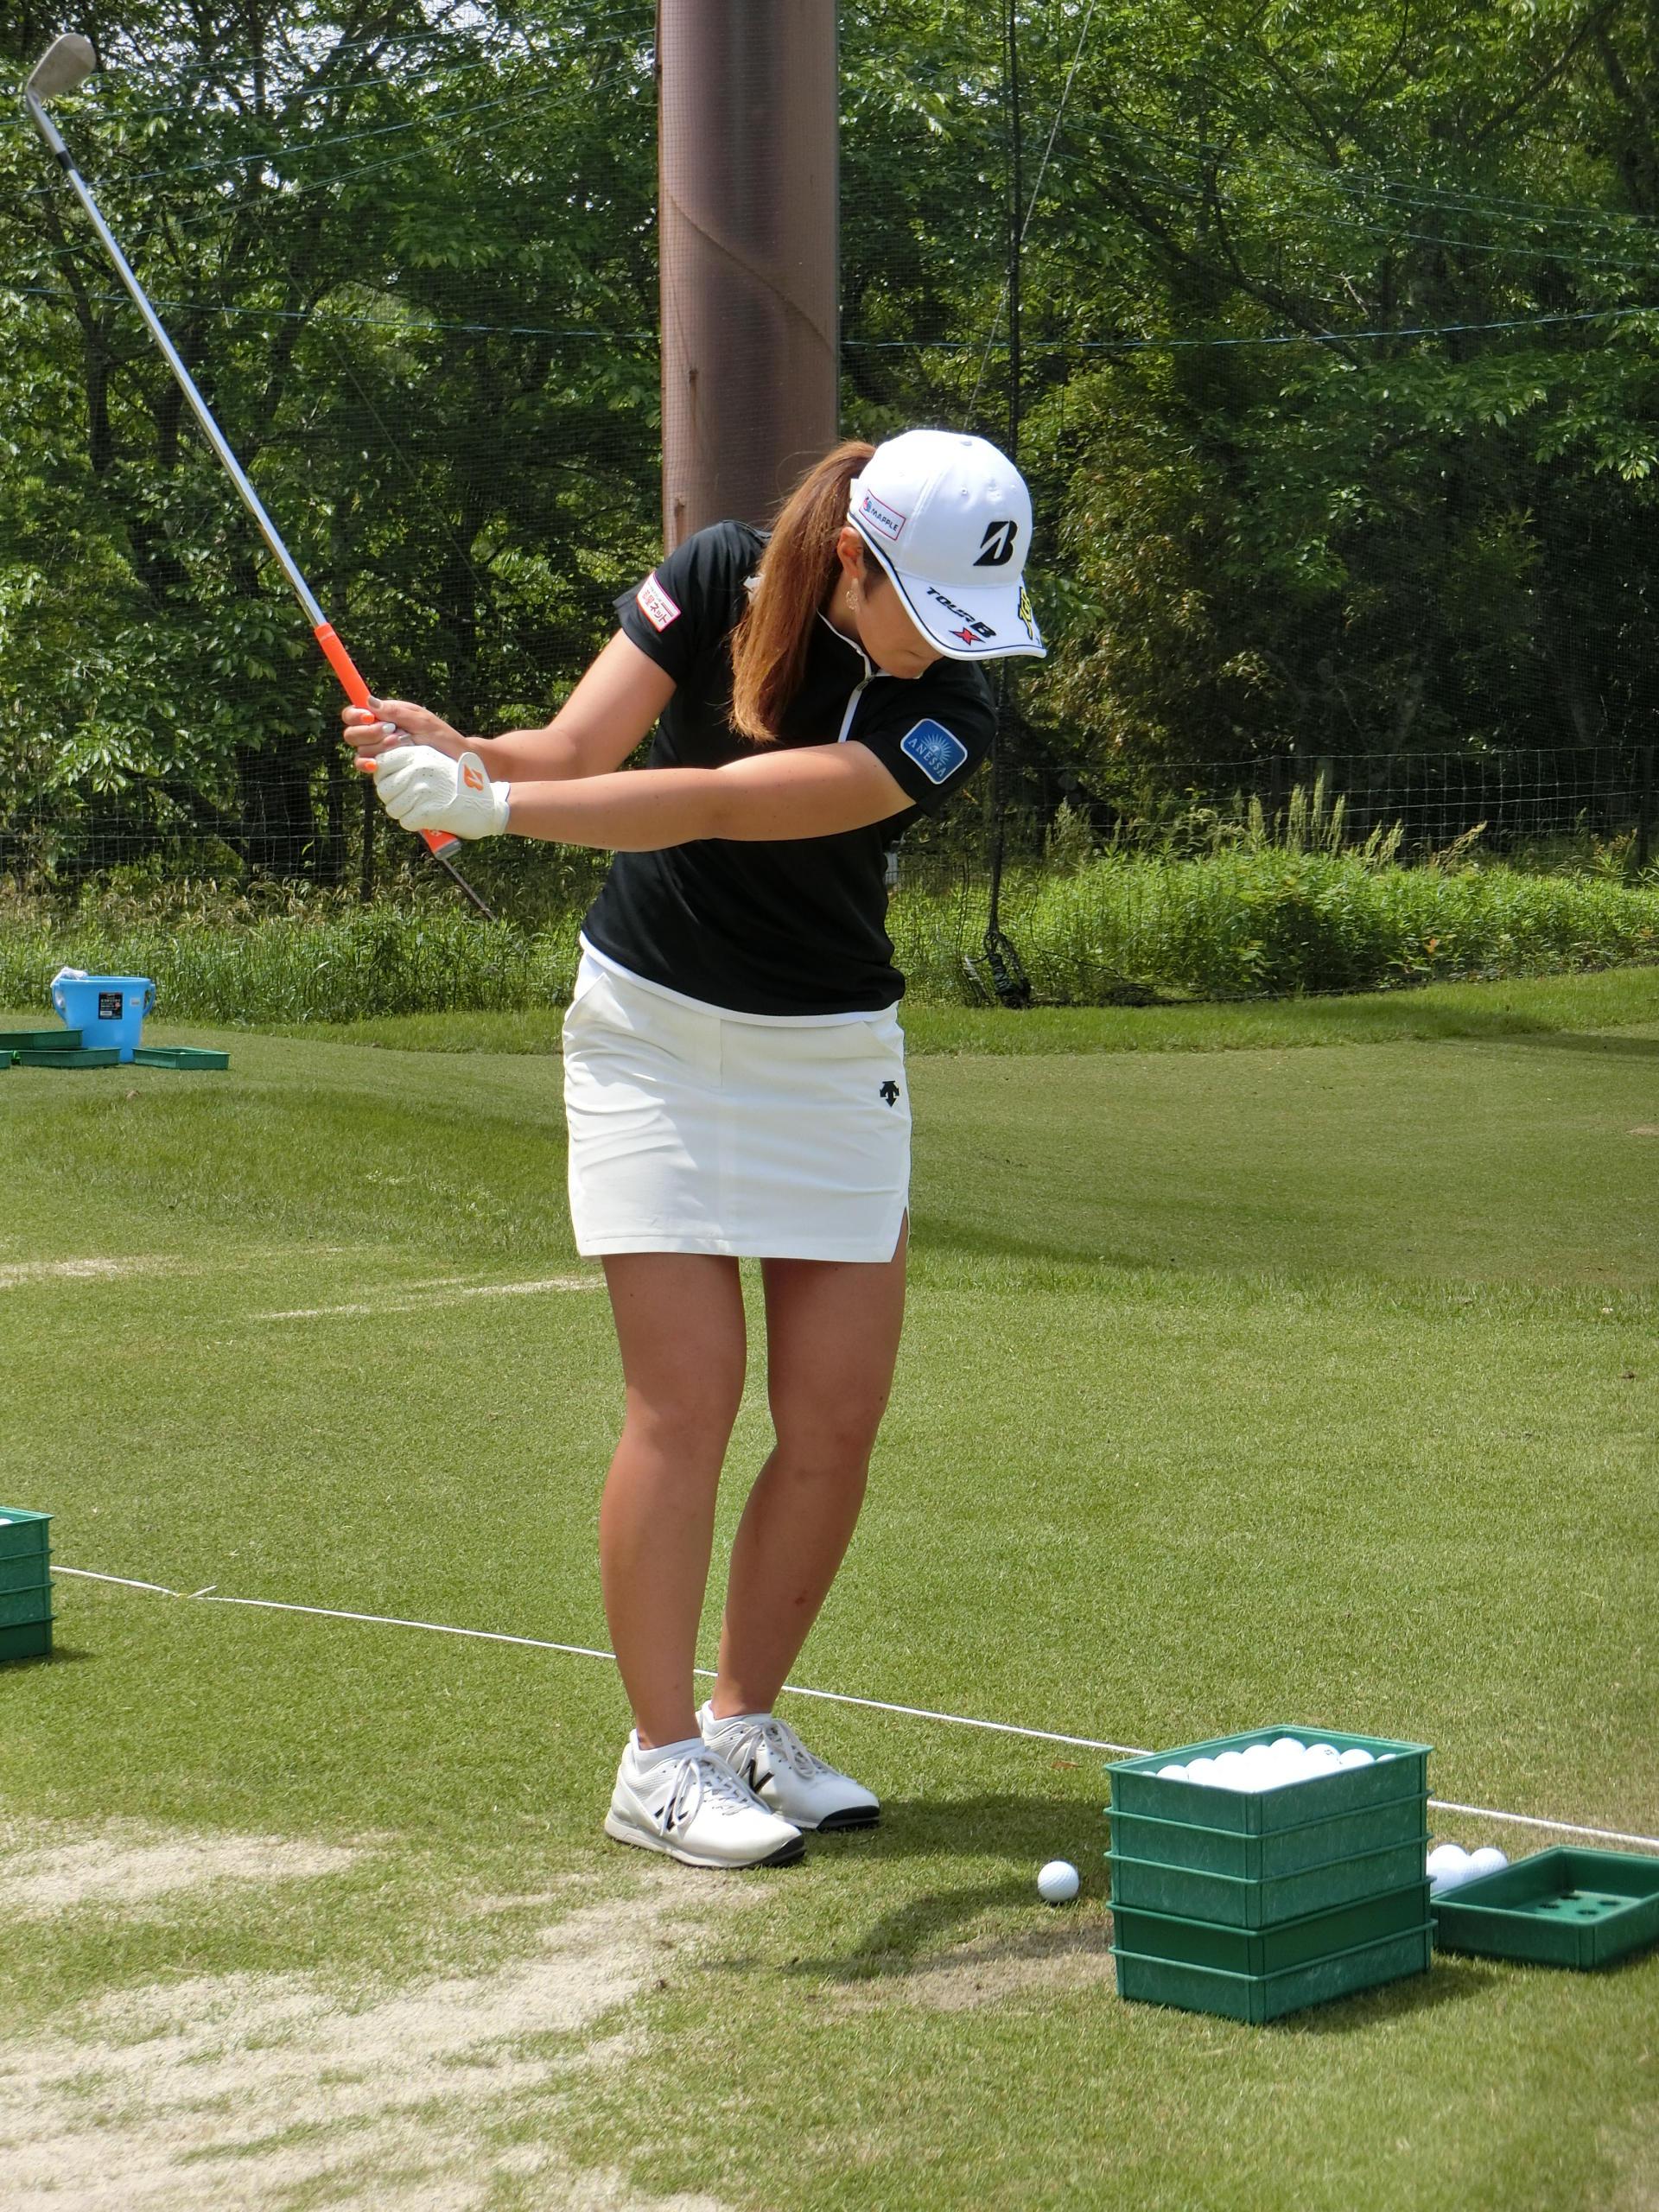 http://www.bs-golf.com/pro/82f0eaf8f07ab06c99829196fedb548a8a2cec13.JPG